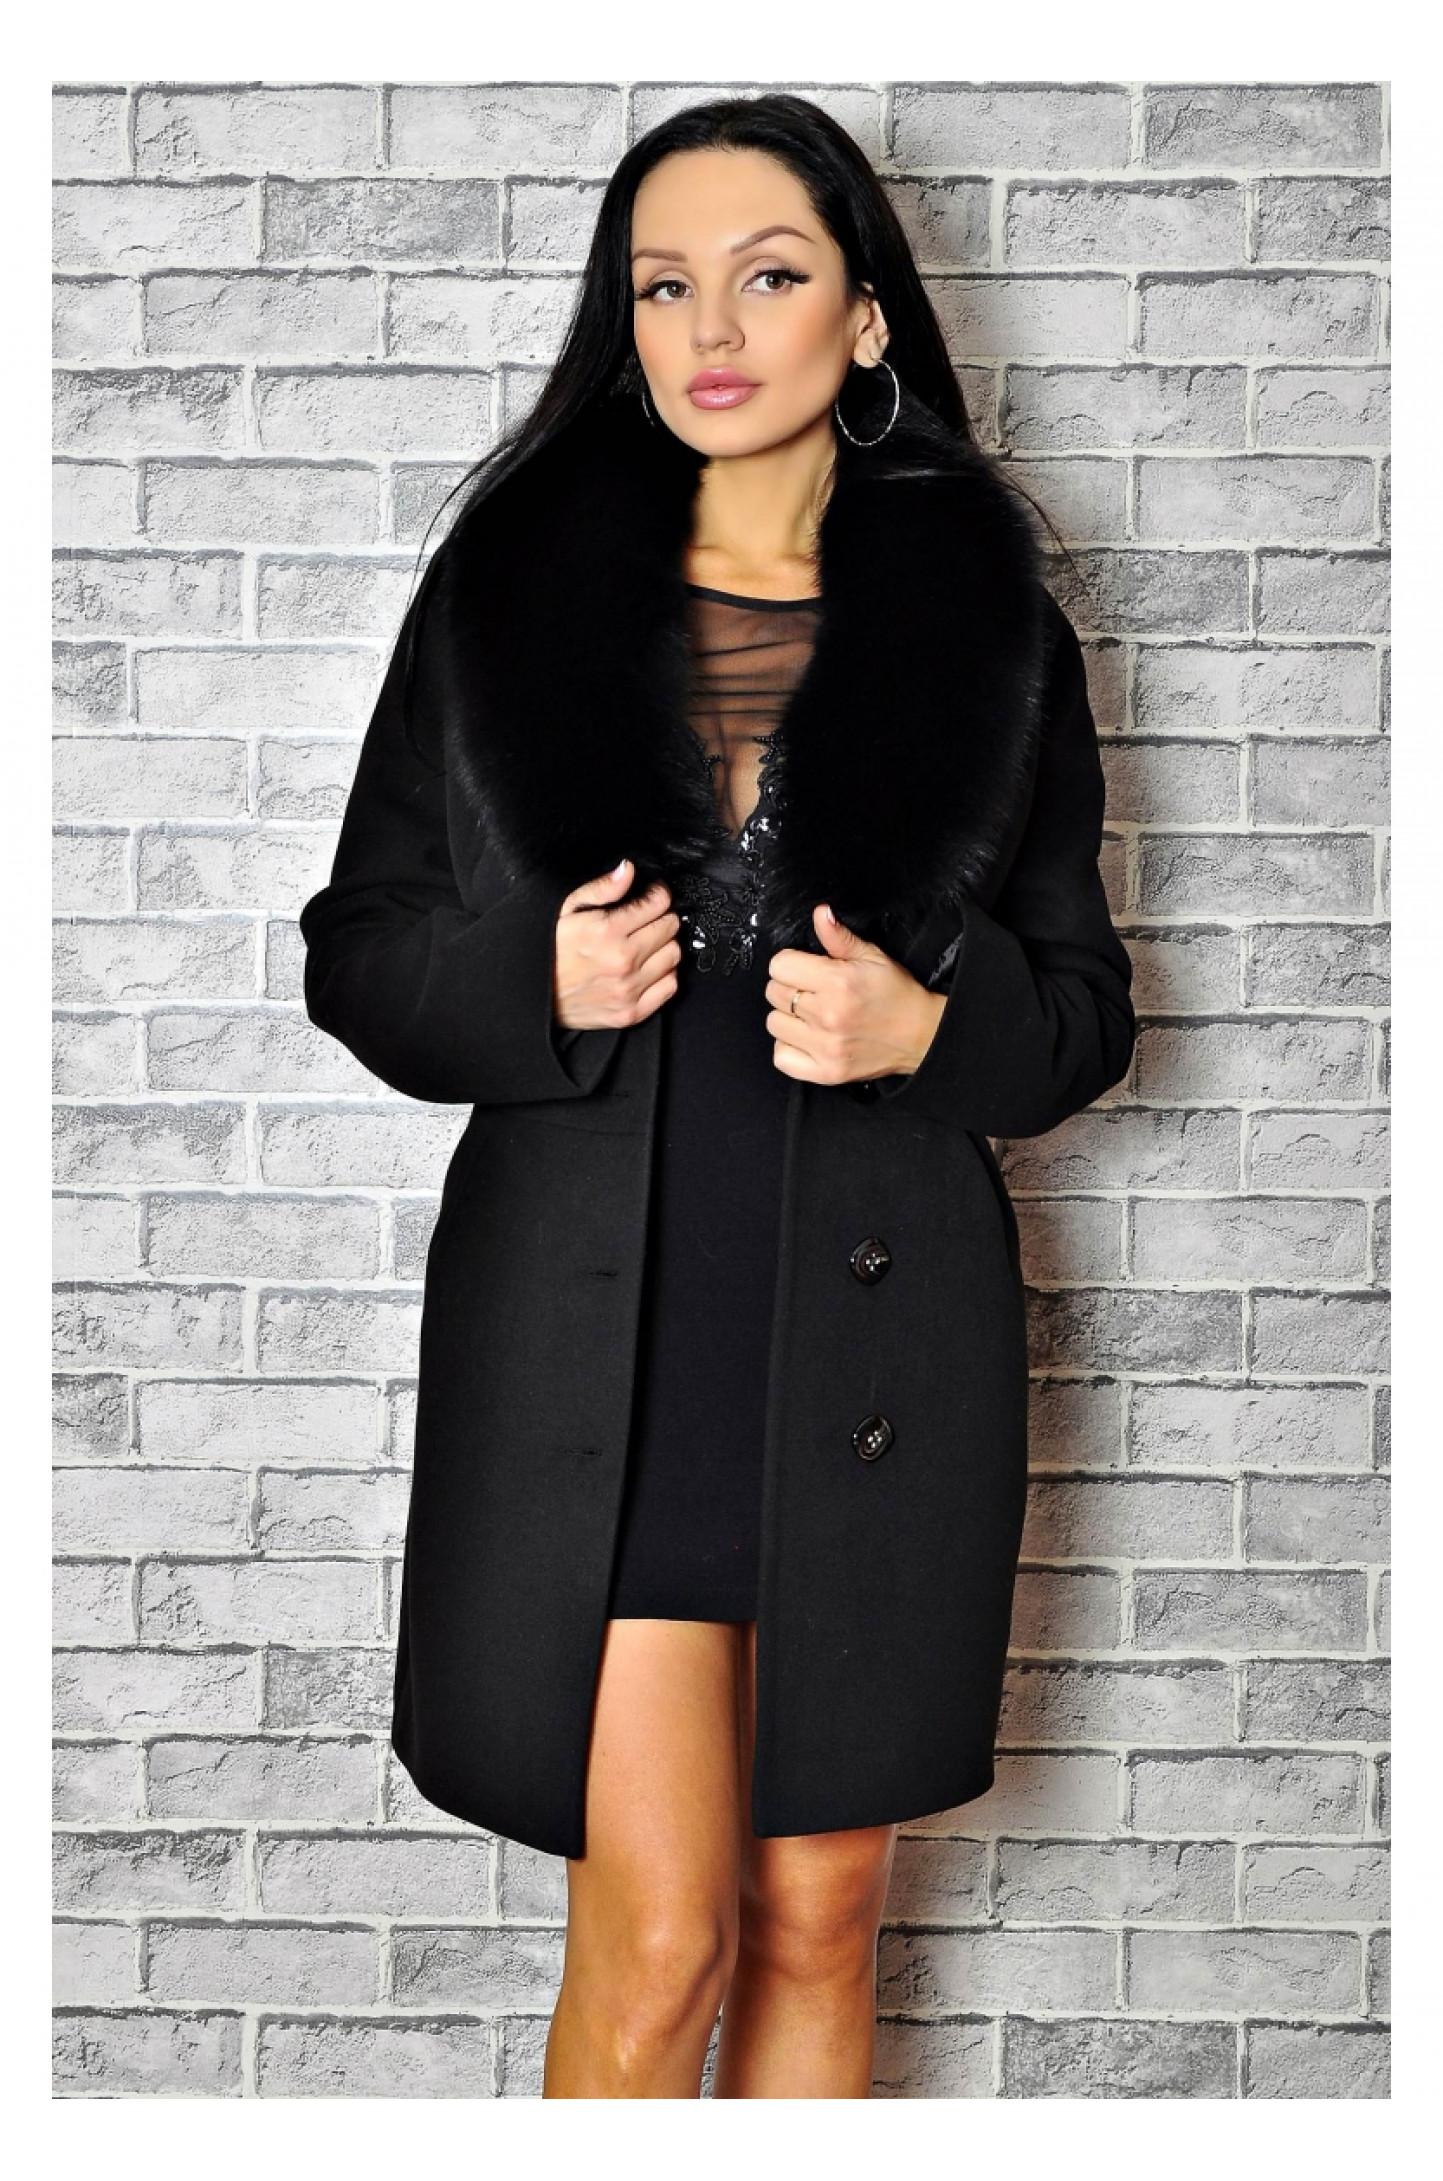 b8027cda7fa Зимнее пальто альпака в москве женское от 15500 ₽ • 4328-01